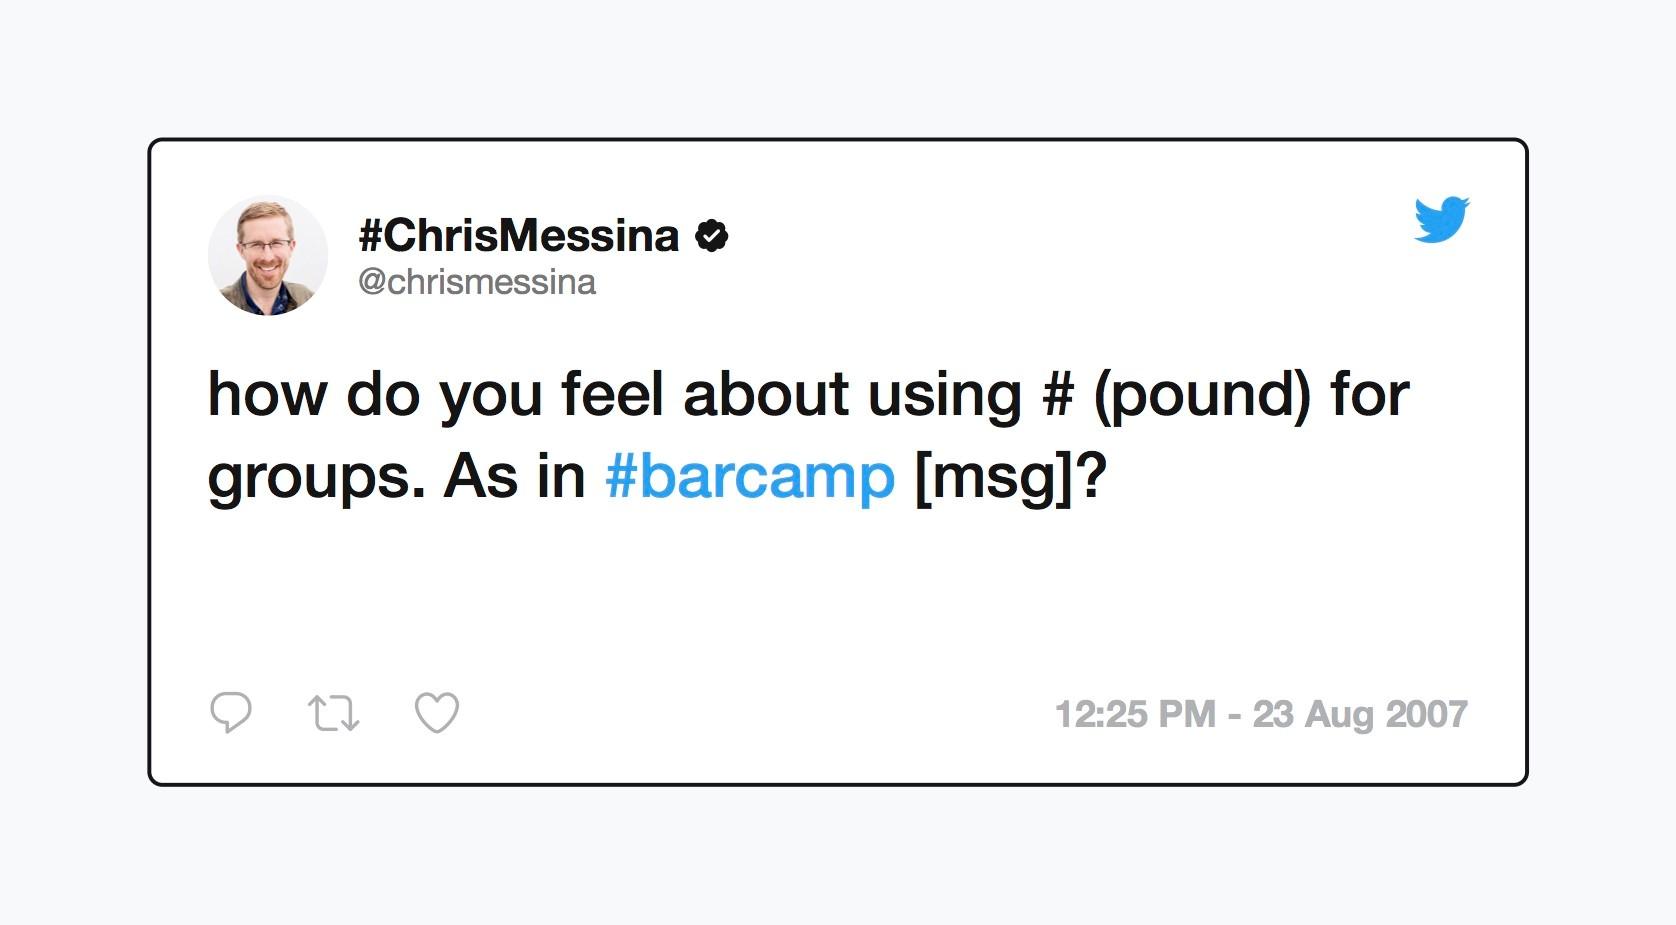 Chris Messina''s #hashtag tweet